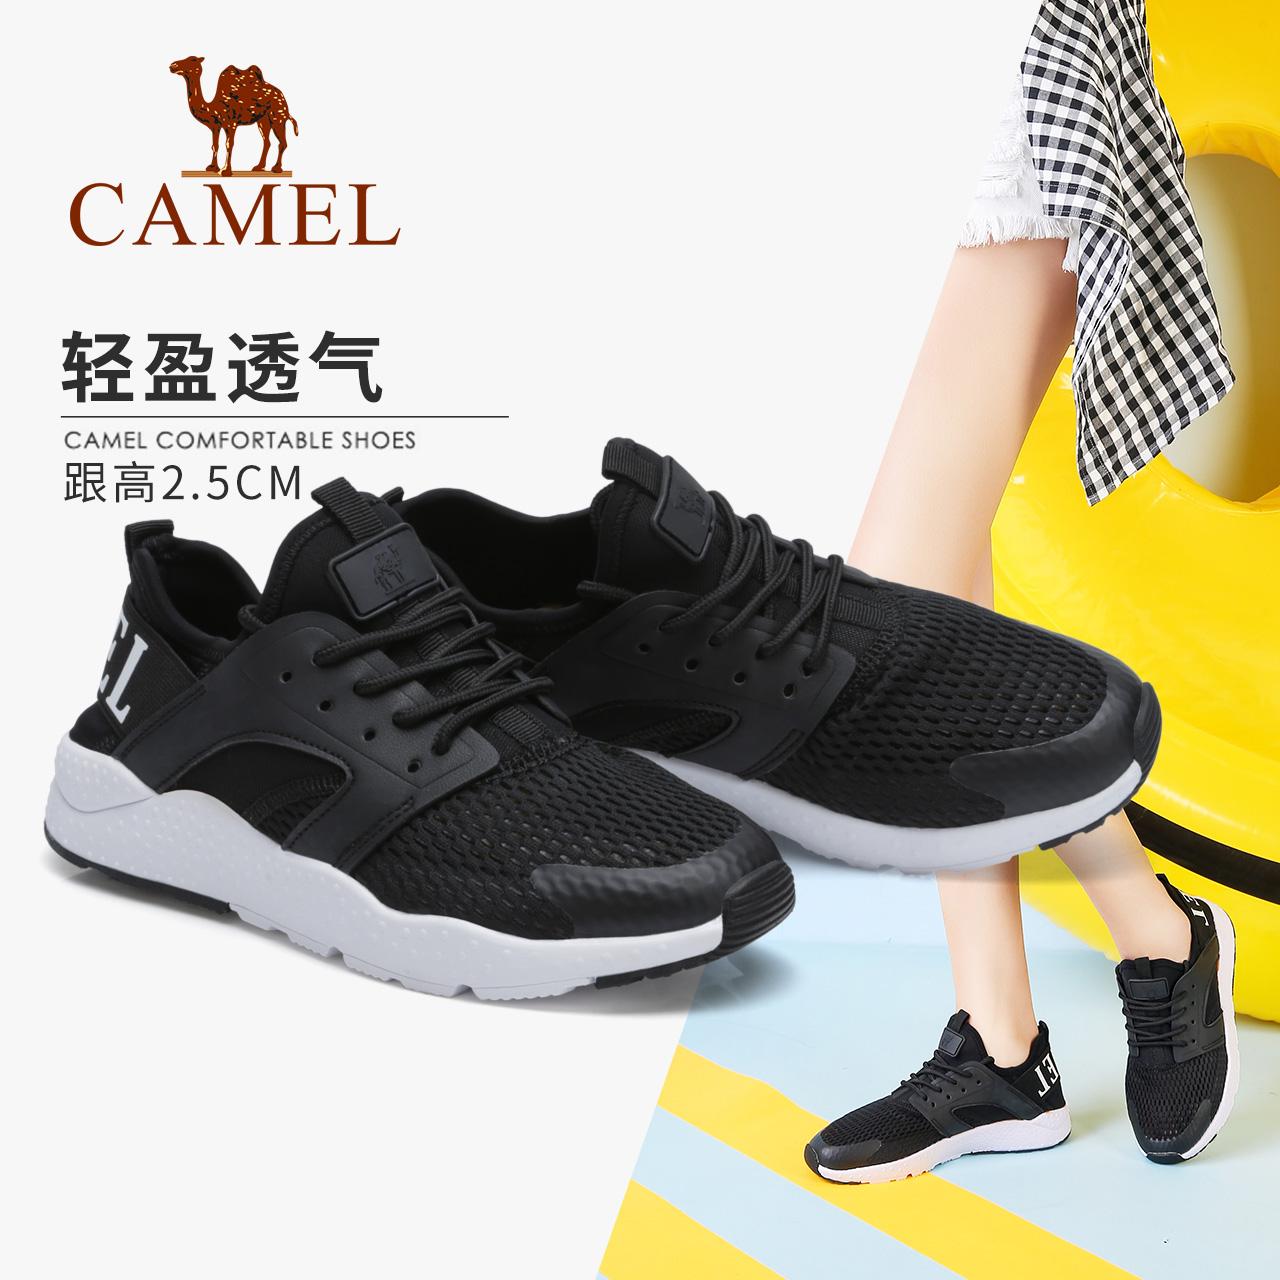 骆驼椰子鞋2018夏新款 透气网鞋舒适轻盈情侣运动鞋 休闲跑步女鞋